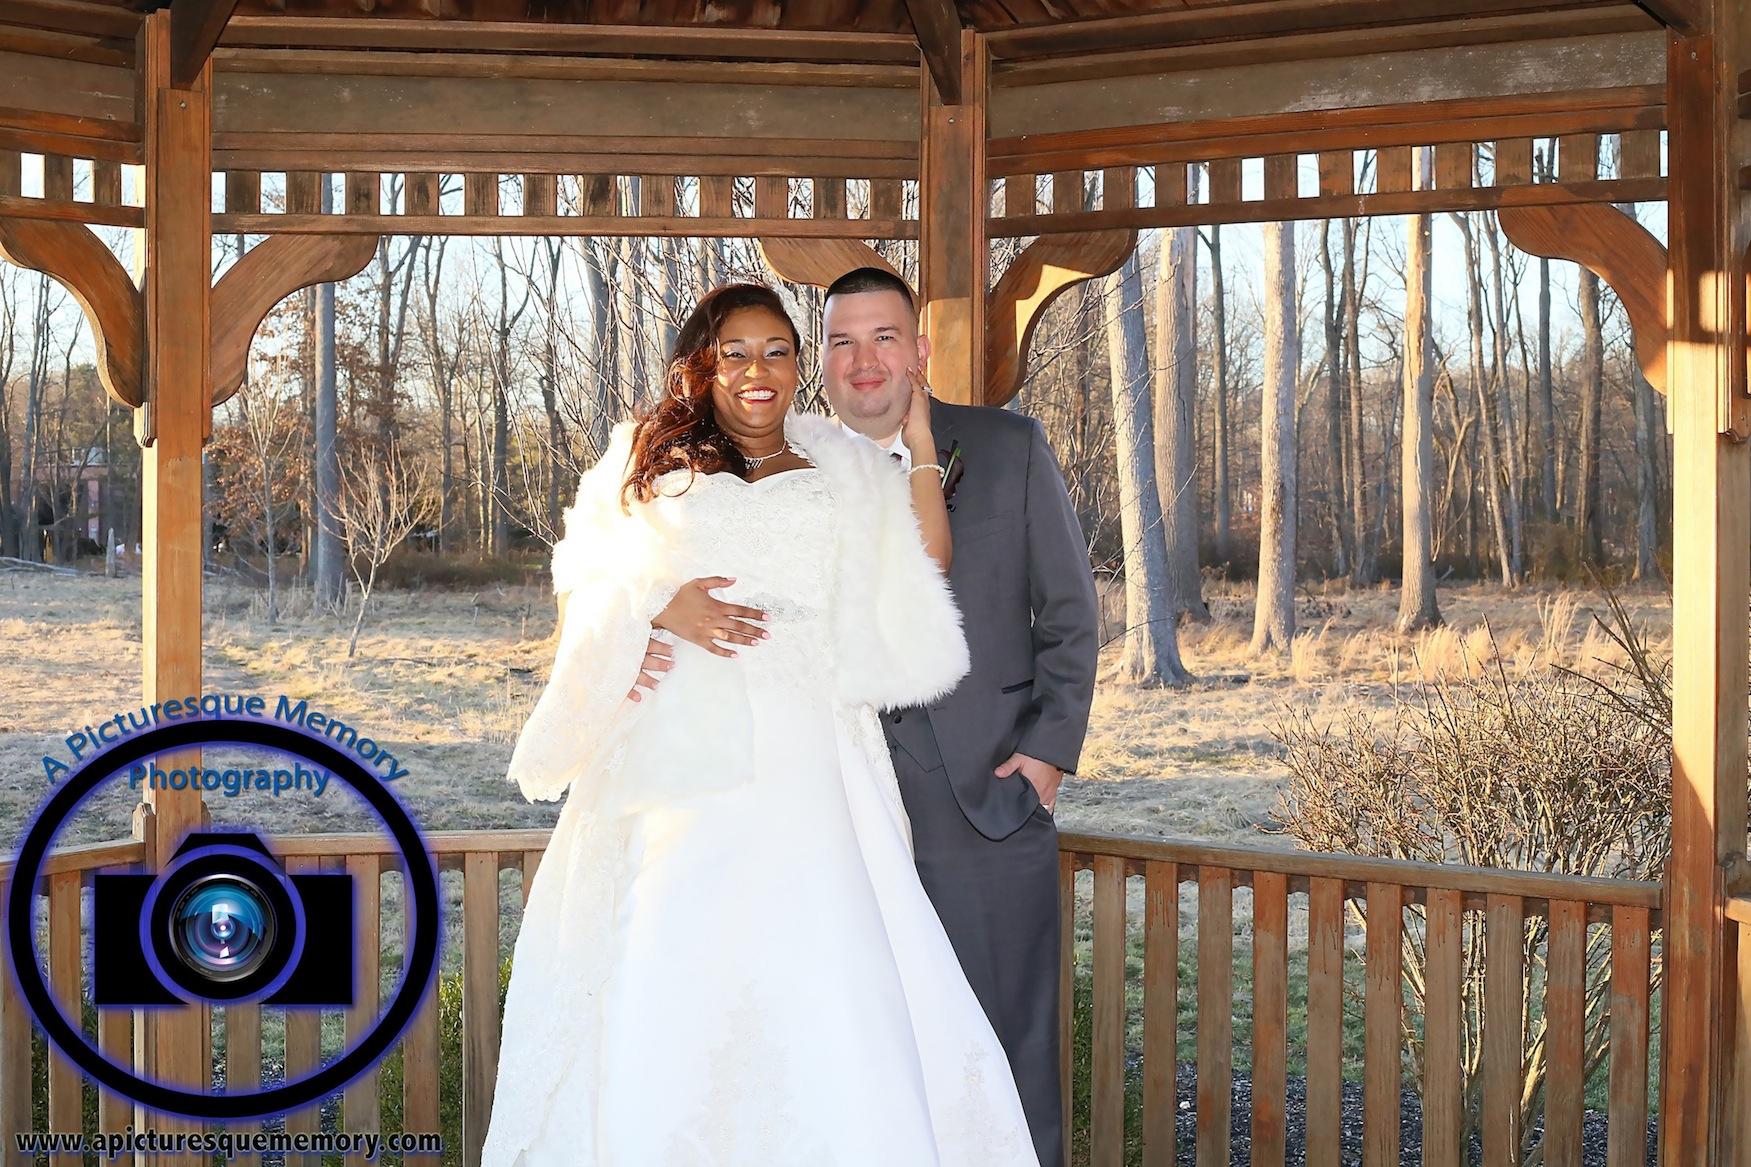 #njwedding, #njweddingphotography, #southbrunswickweddingphotographer#weddingphotos, #apicturesquememoryphotography, #pierresofsouthbrunswickweddingphotographer, #gazeebo, #groomandbride